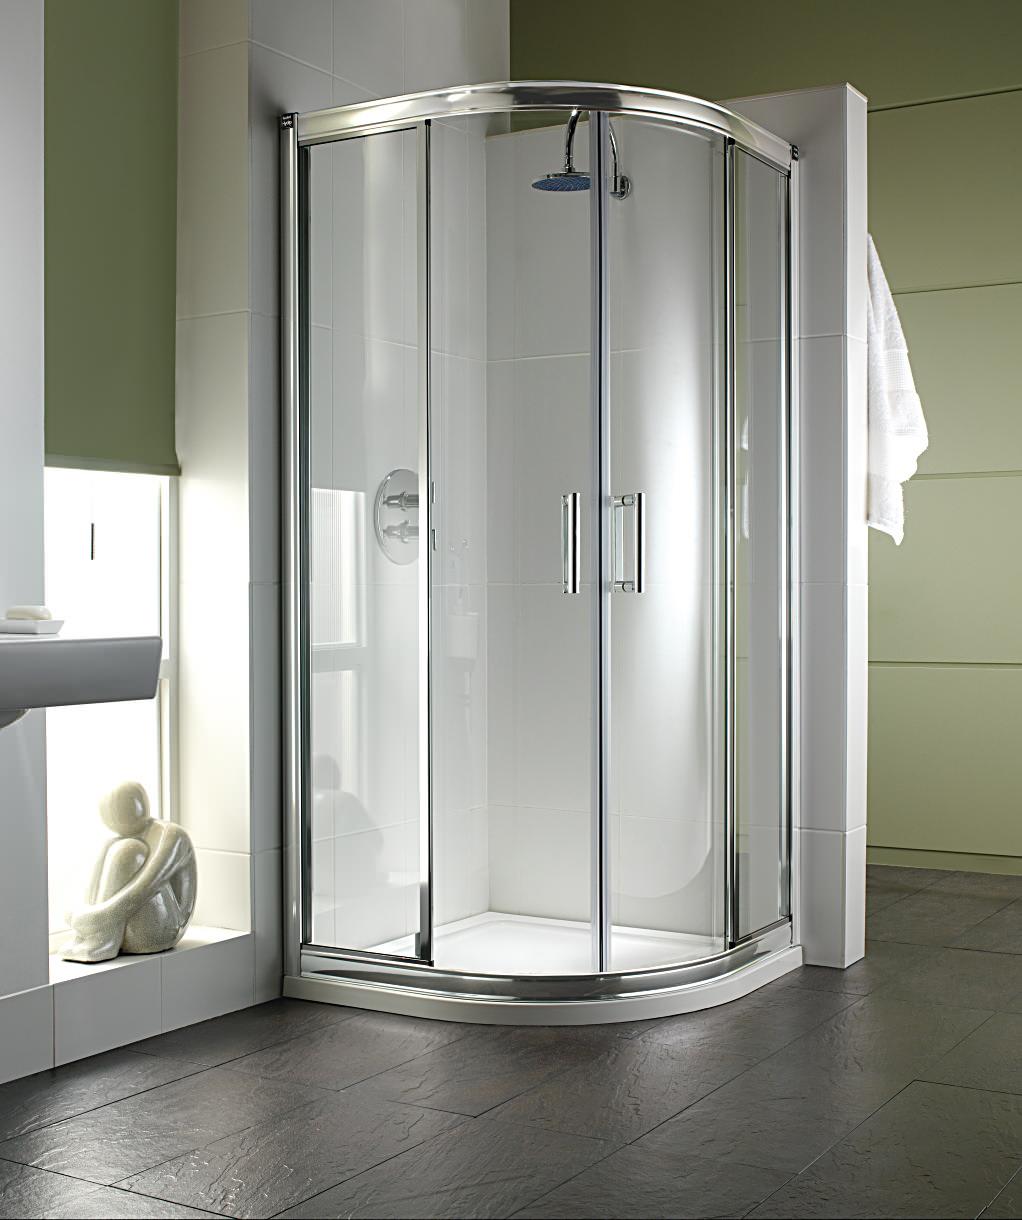 Twyford Hydr8 Quadrant Shower Enclosure 900mm H85700cp